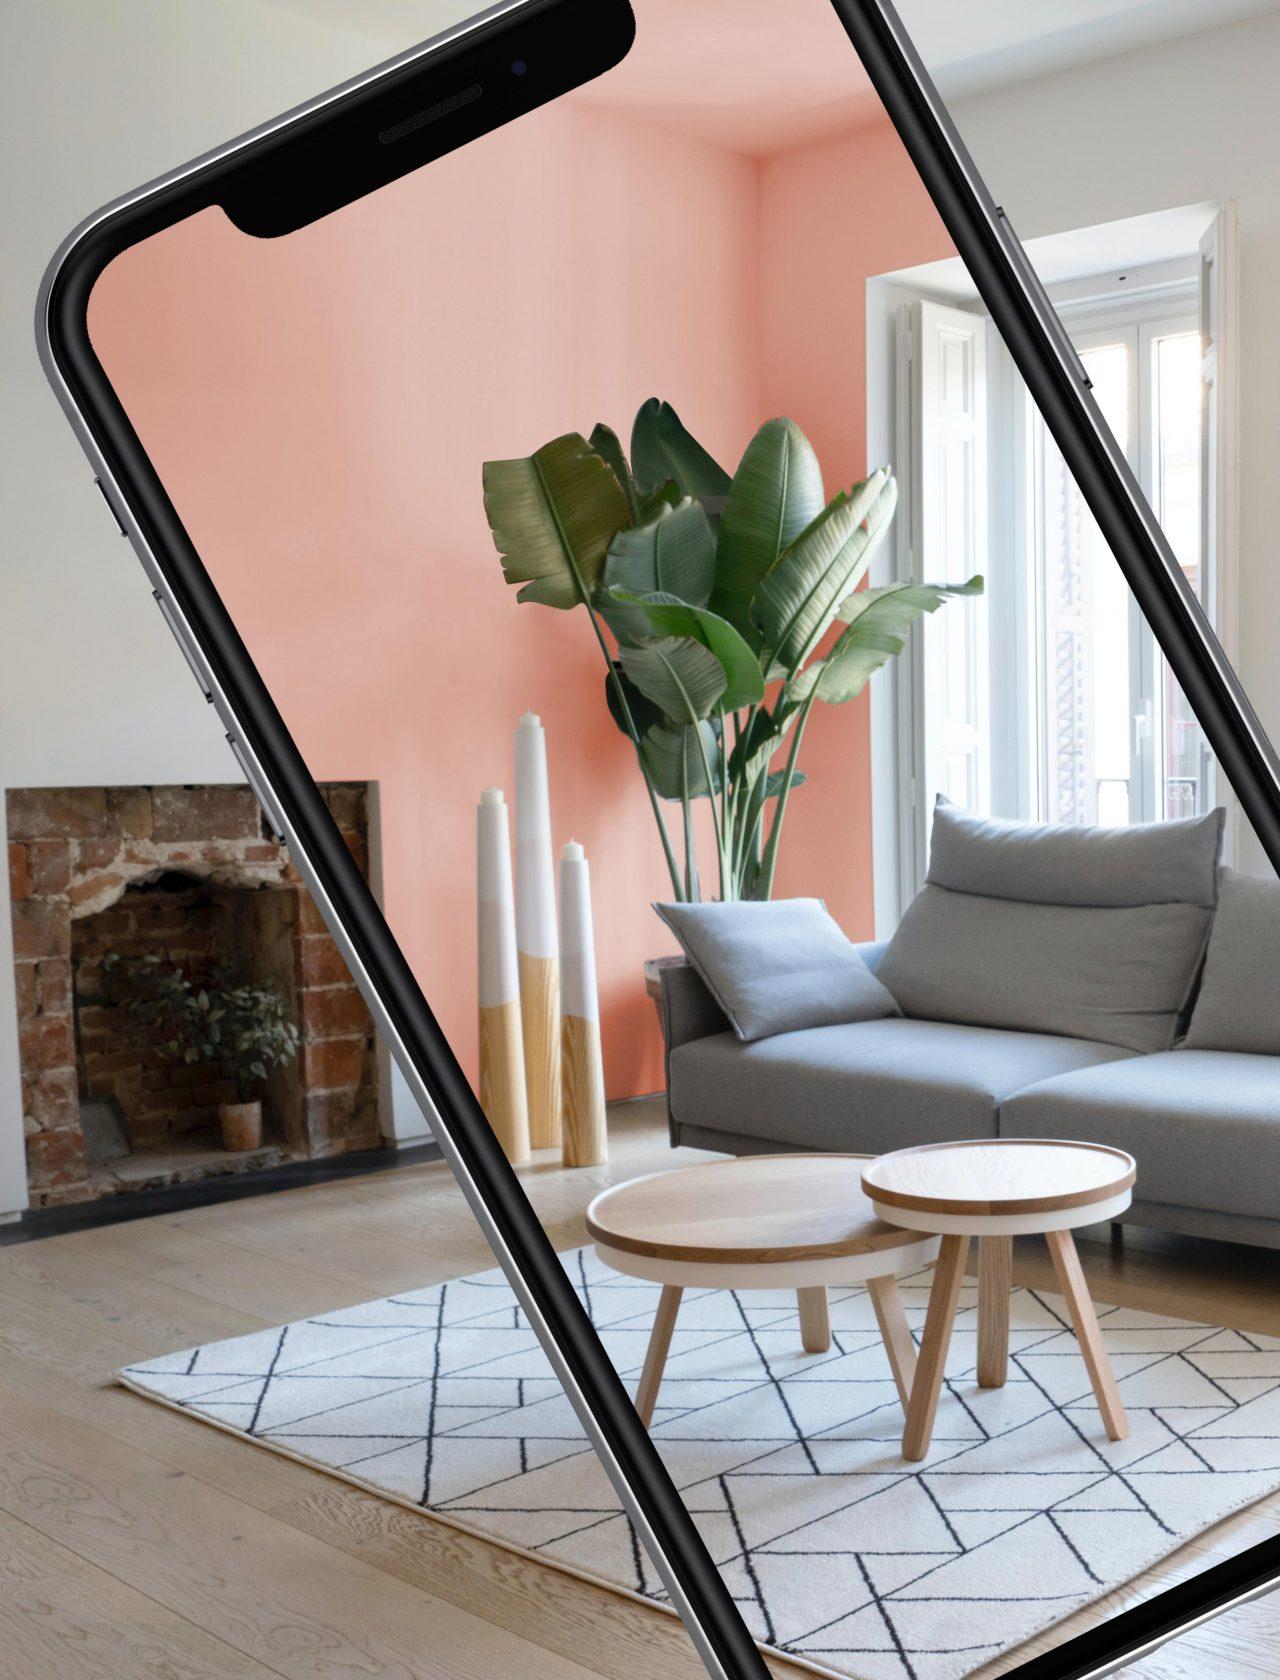 Virtuell eingefärbte Wand in stylishem Wohnzimmer